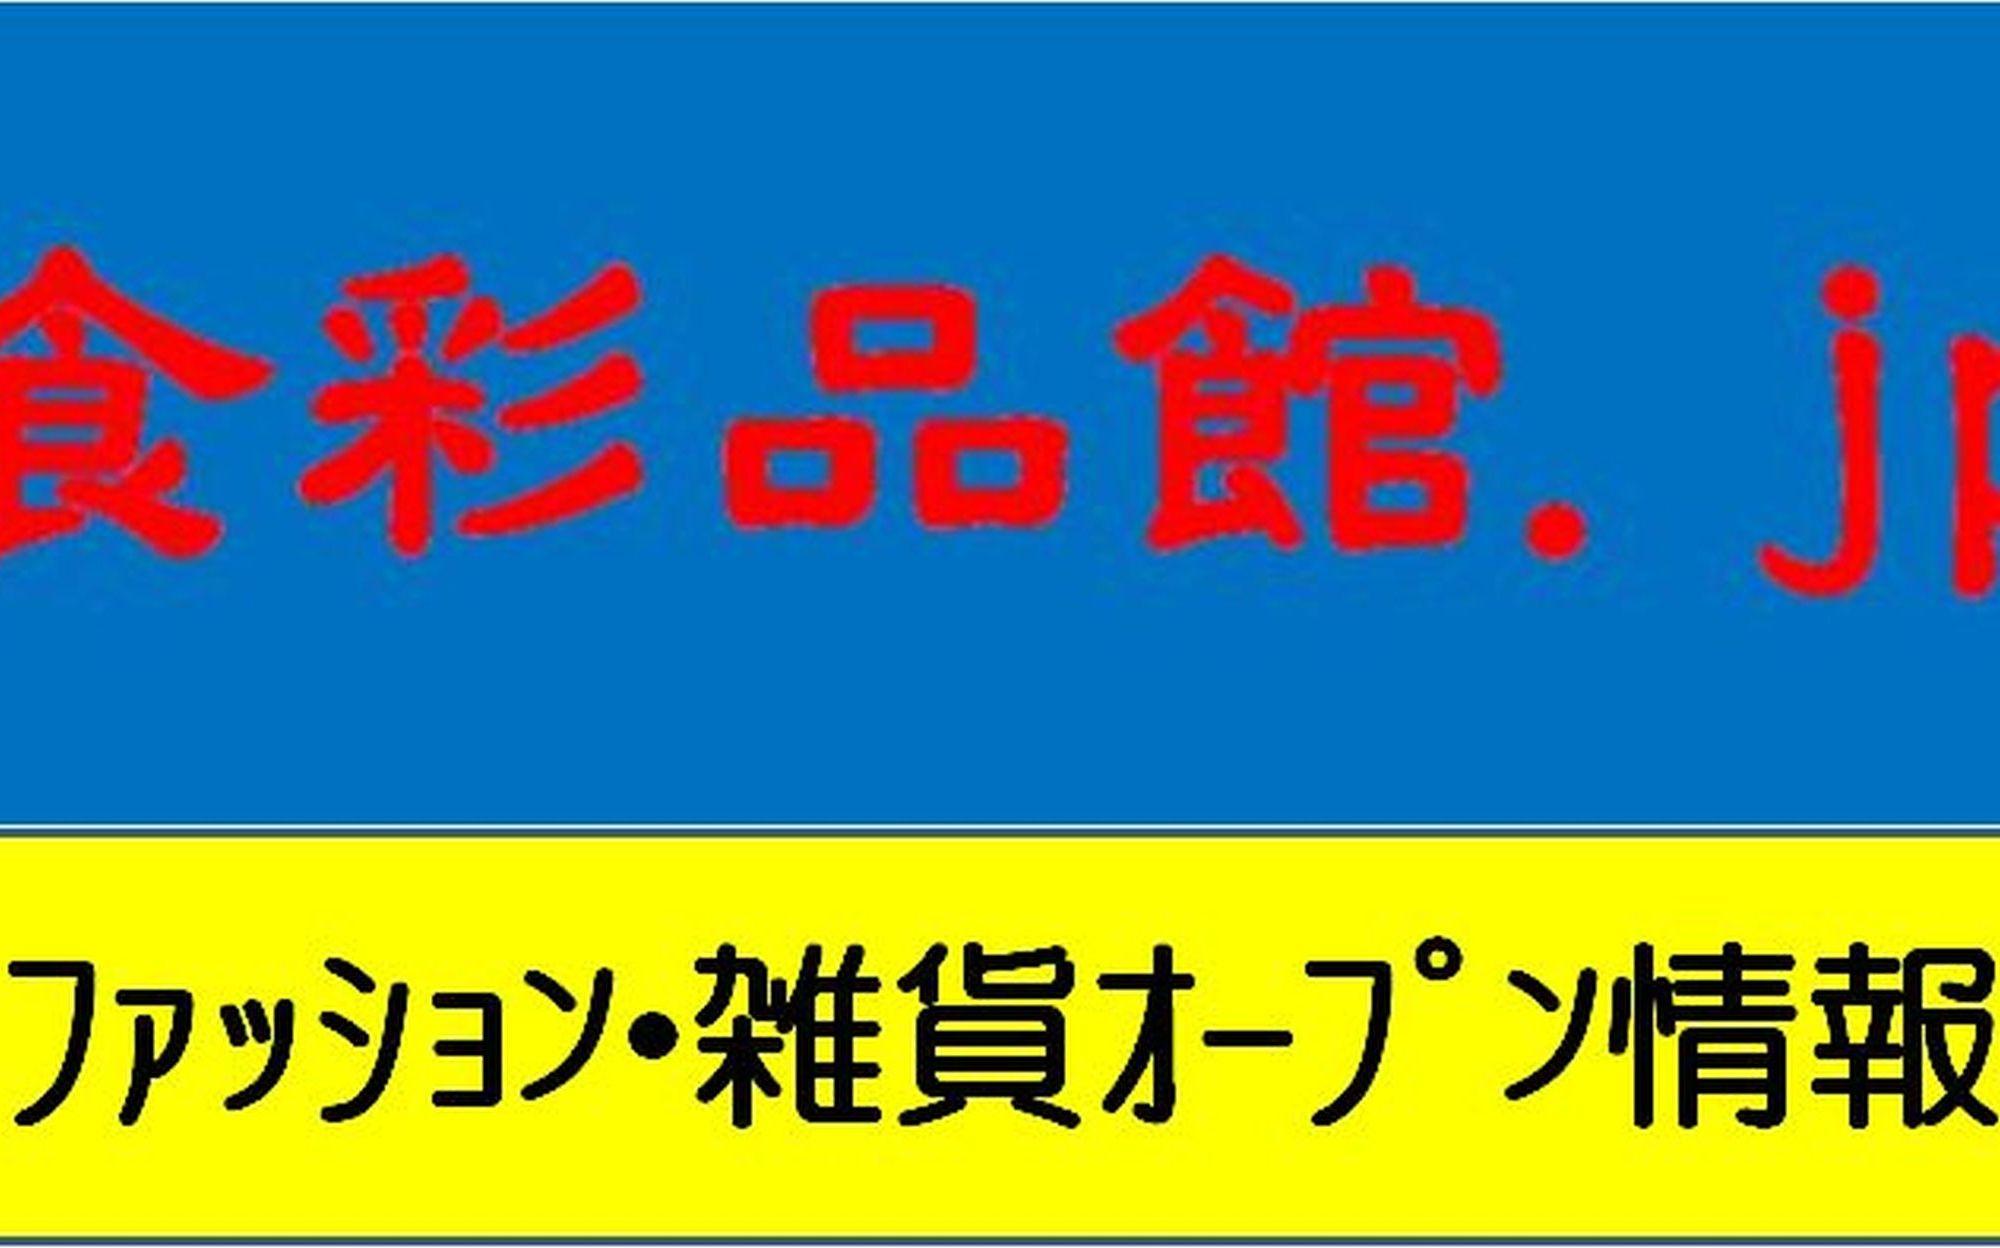 しまむらアクロスプラザ長岡七日町ファッションモール店(新潟県長岡市)2020年7月16日オープン